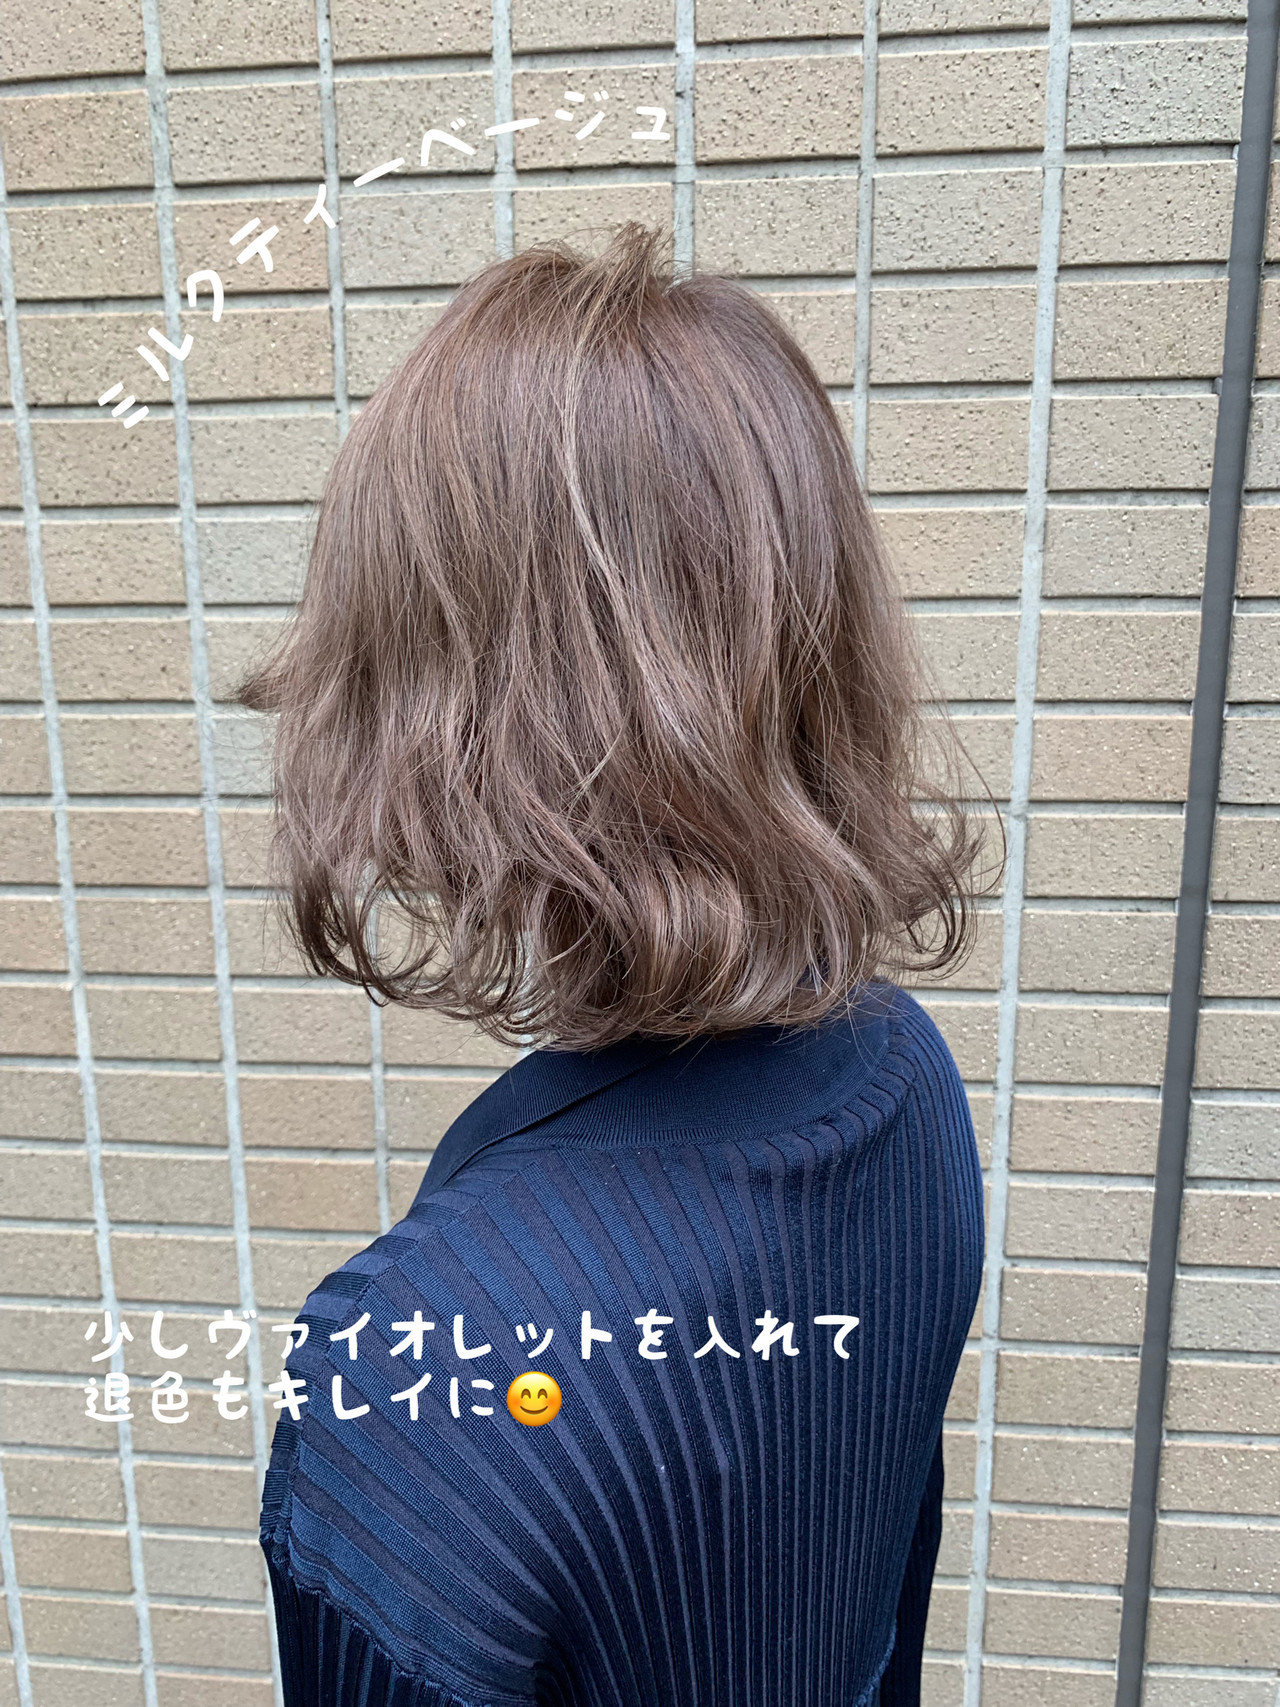 ボブ 切りっぱなしボブ 外国人風フェミニン 大人ハイライト ヘアスタイルや髪型の写真・画像